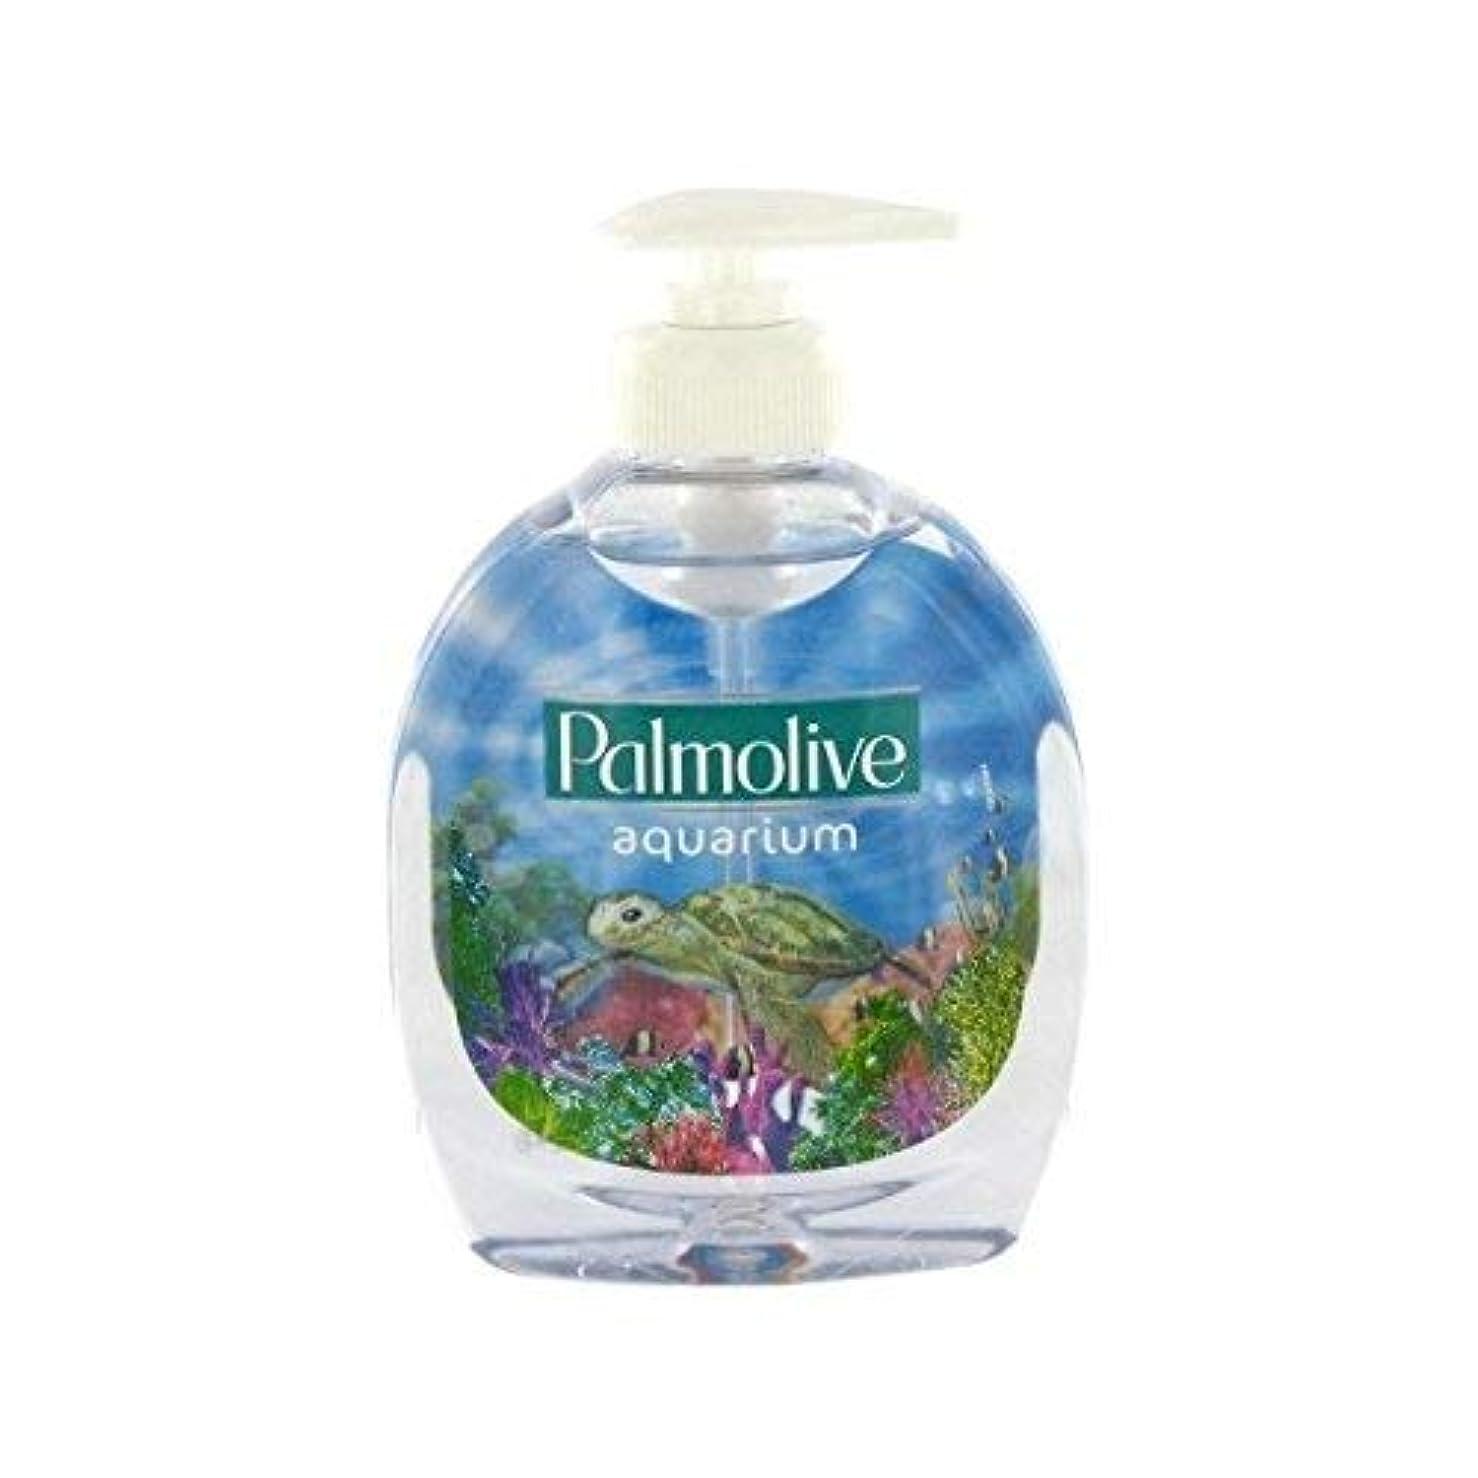 下るイノセンスルールPalmolive Aquarium Fl??ssigseife 300 ml